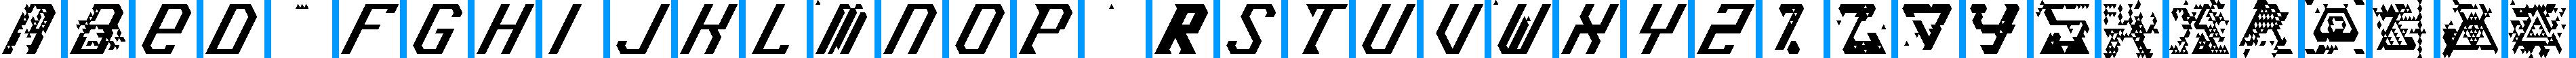 Particip-a-type v.239